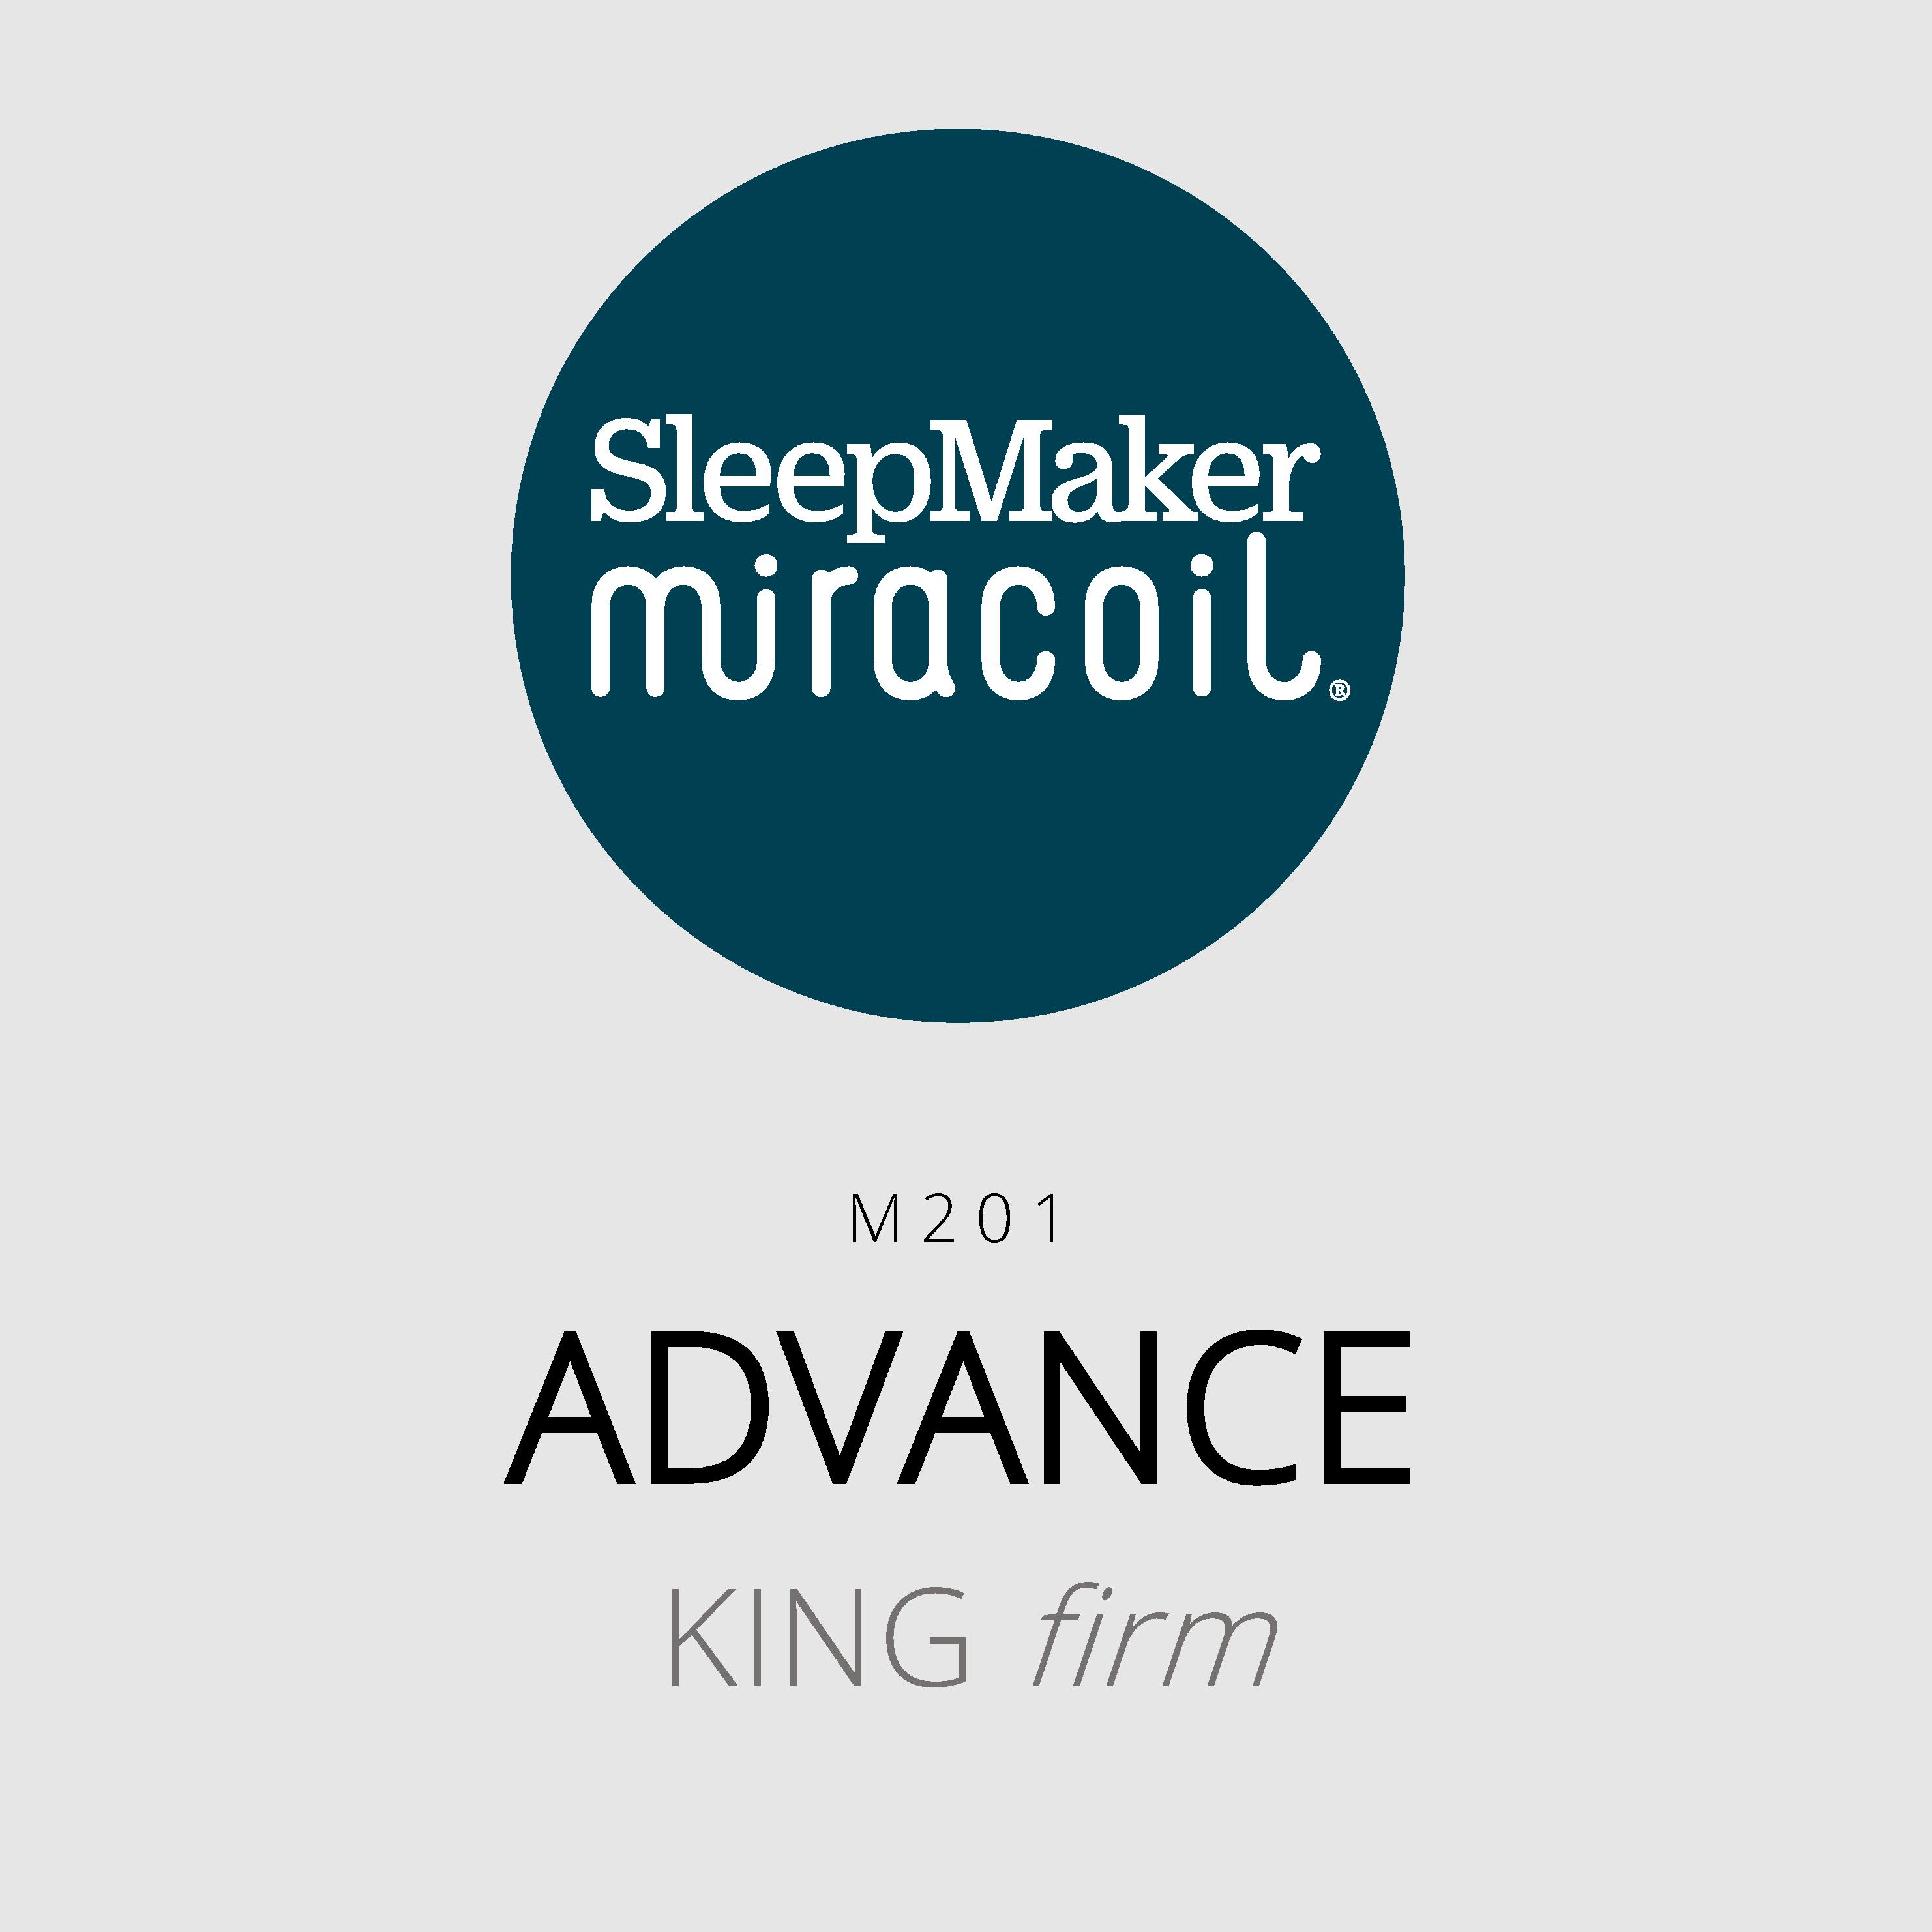 SleepMaker Miracoil – Advance – M201 – King Firm Mattress